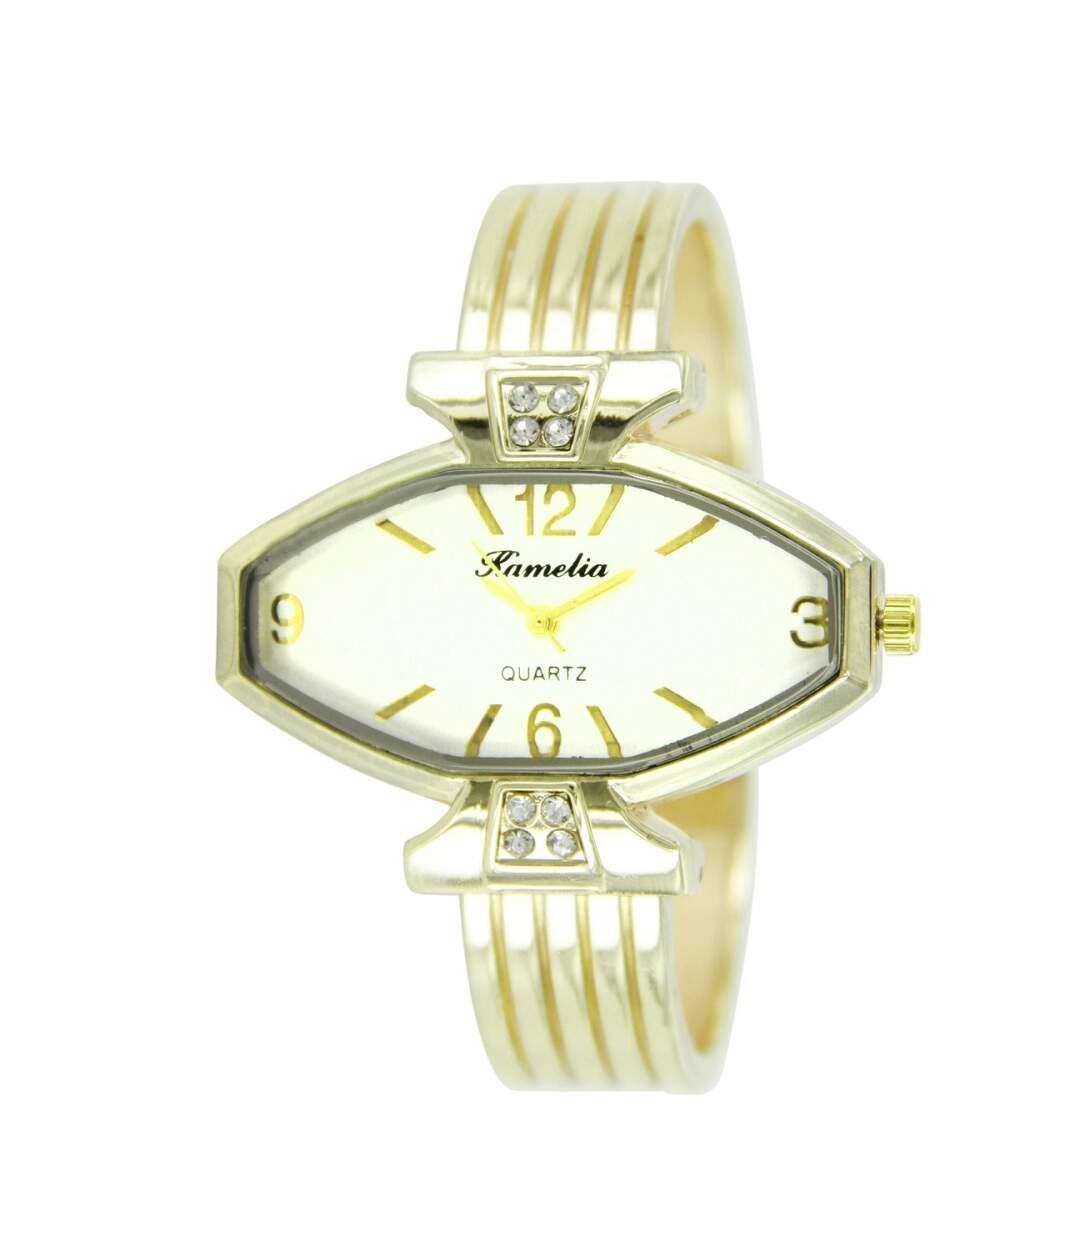 Montre Femme CAMELIA bracelet Acier Doré